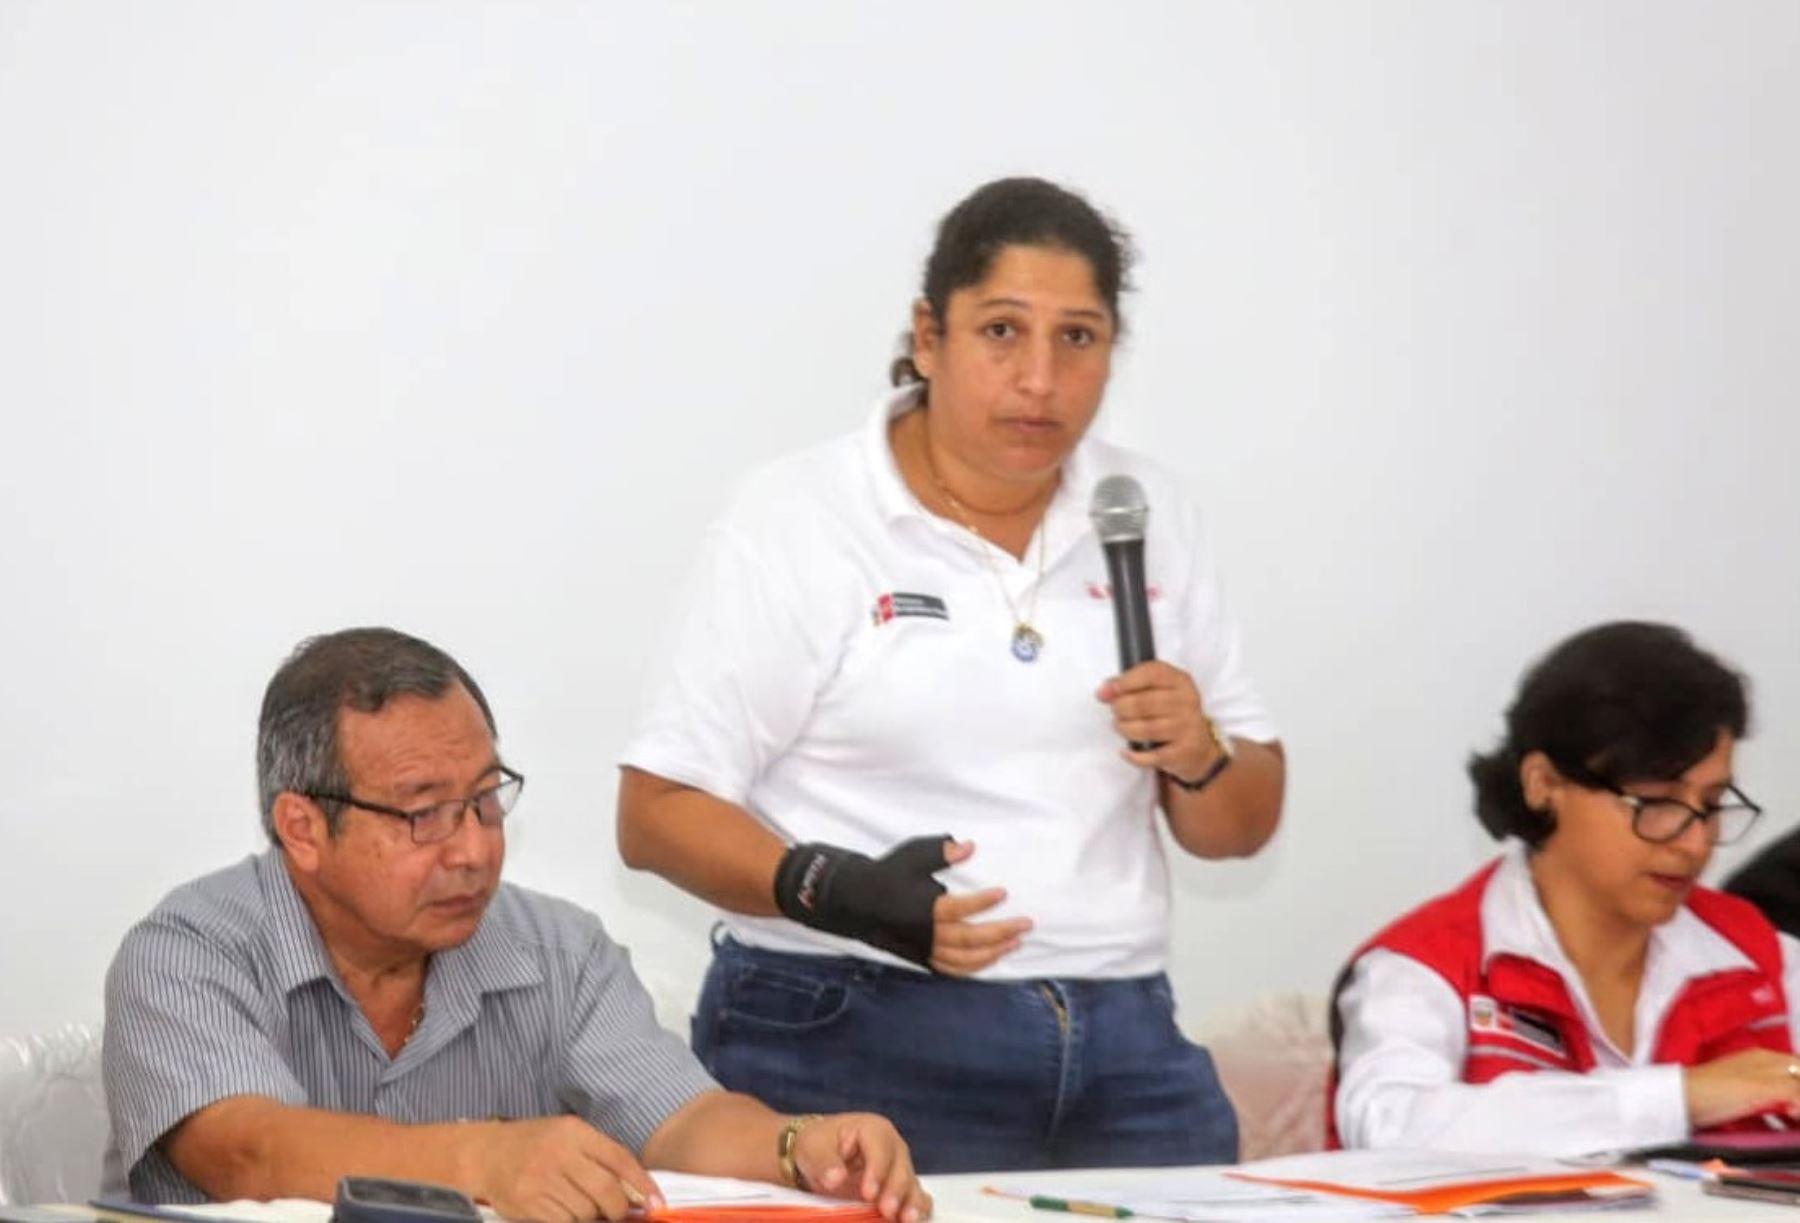 Ministra de Agricultura, Fabiola Muñoz, afirmó que no se permitirá que la minería ilegal migre a otras zonas de Madre de Dios. ANDINA/Difusión